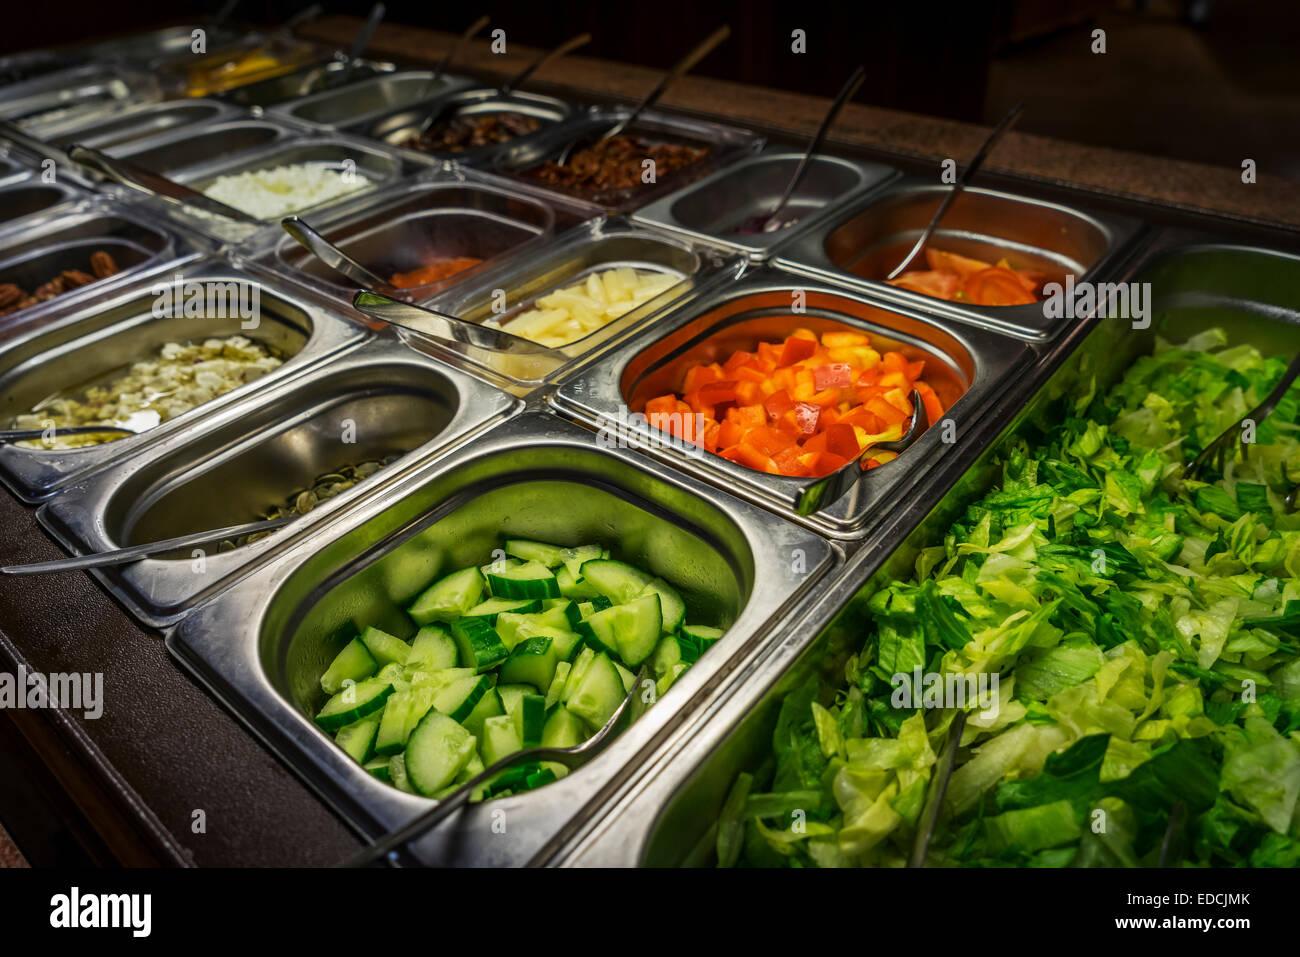 Salad Bar Stock Photos & Salad Bar Stock Images - Alamy